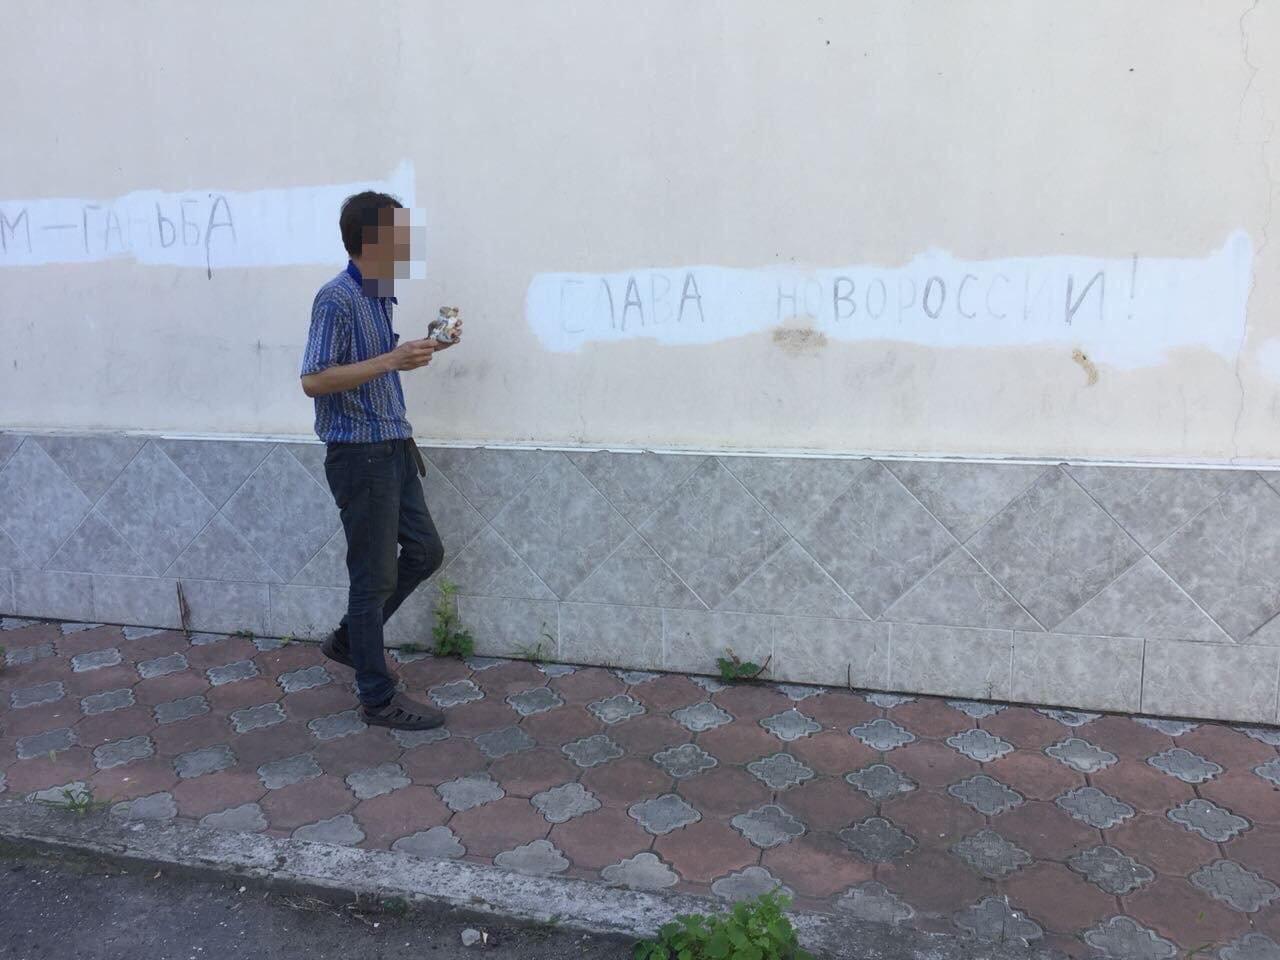 Житель Одесской области может сесть в тюрьму на 5 лет за антиукраинскую агитацию, - ФОТО, фото-1, Фото: СБУ в Одесской области